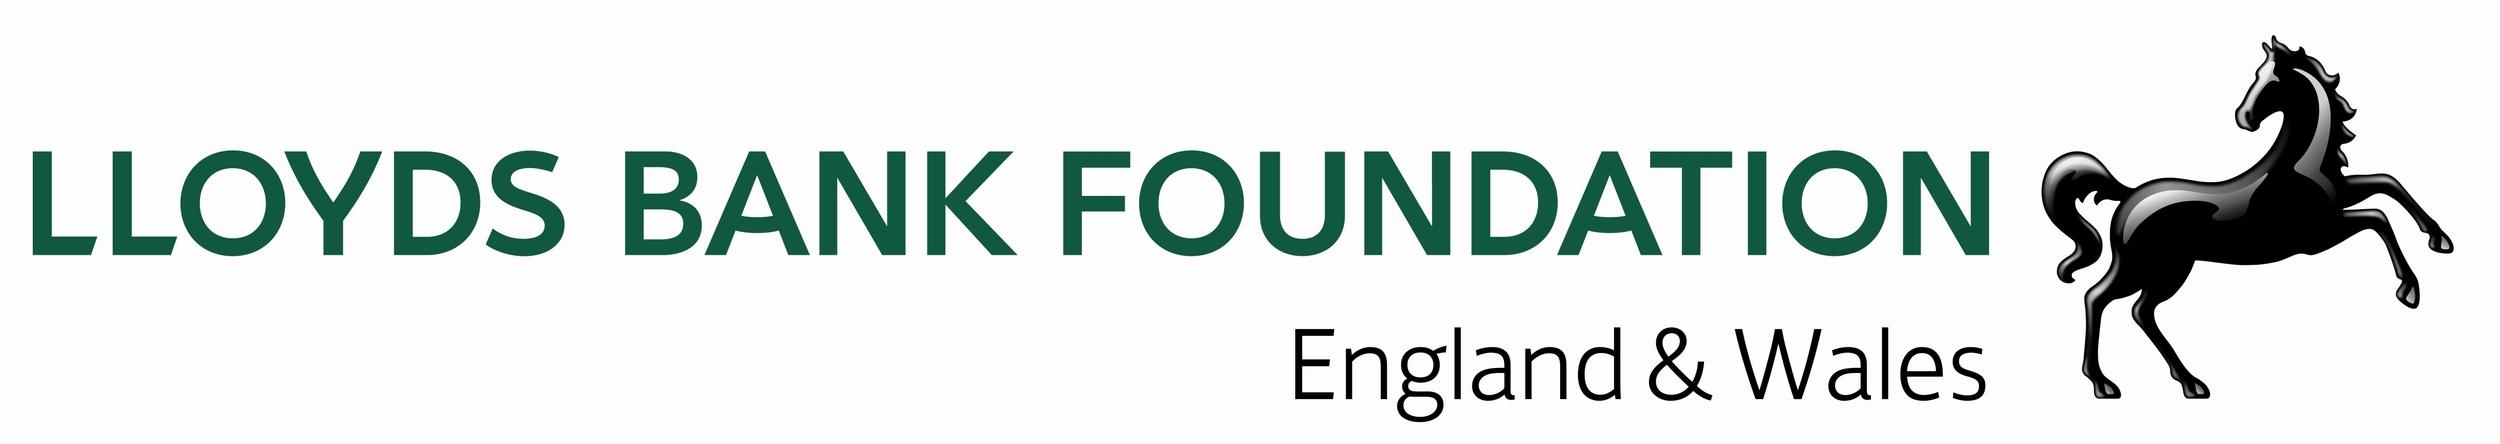 Lloyds Foundation EW colour.jpg